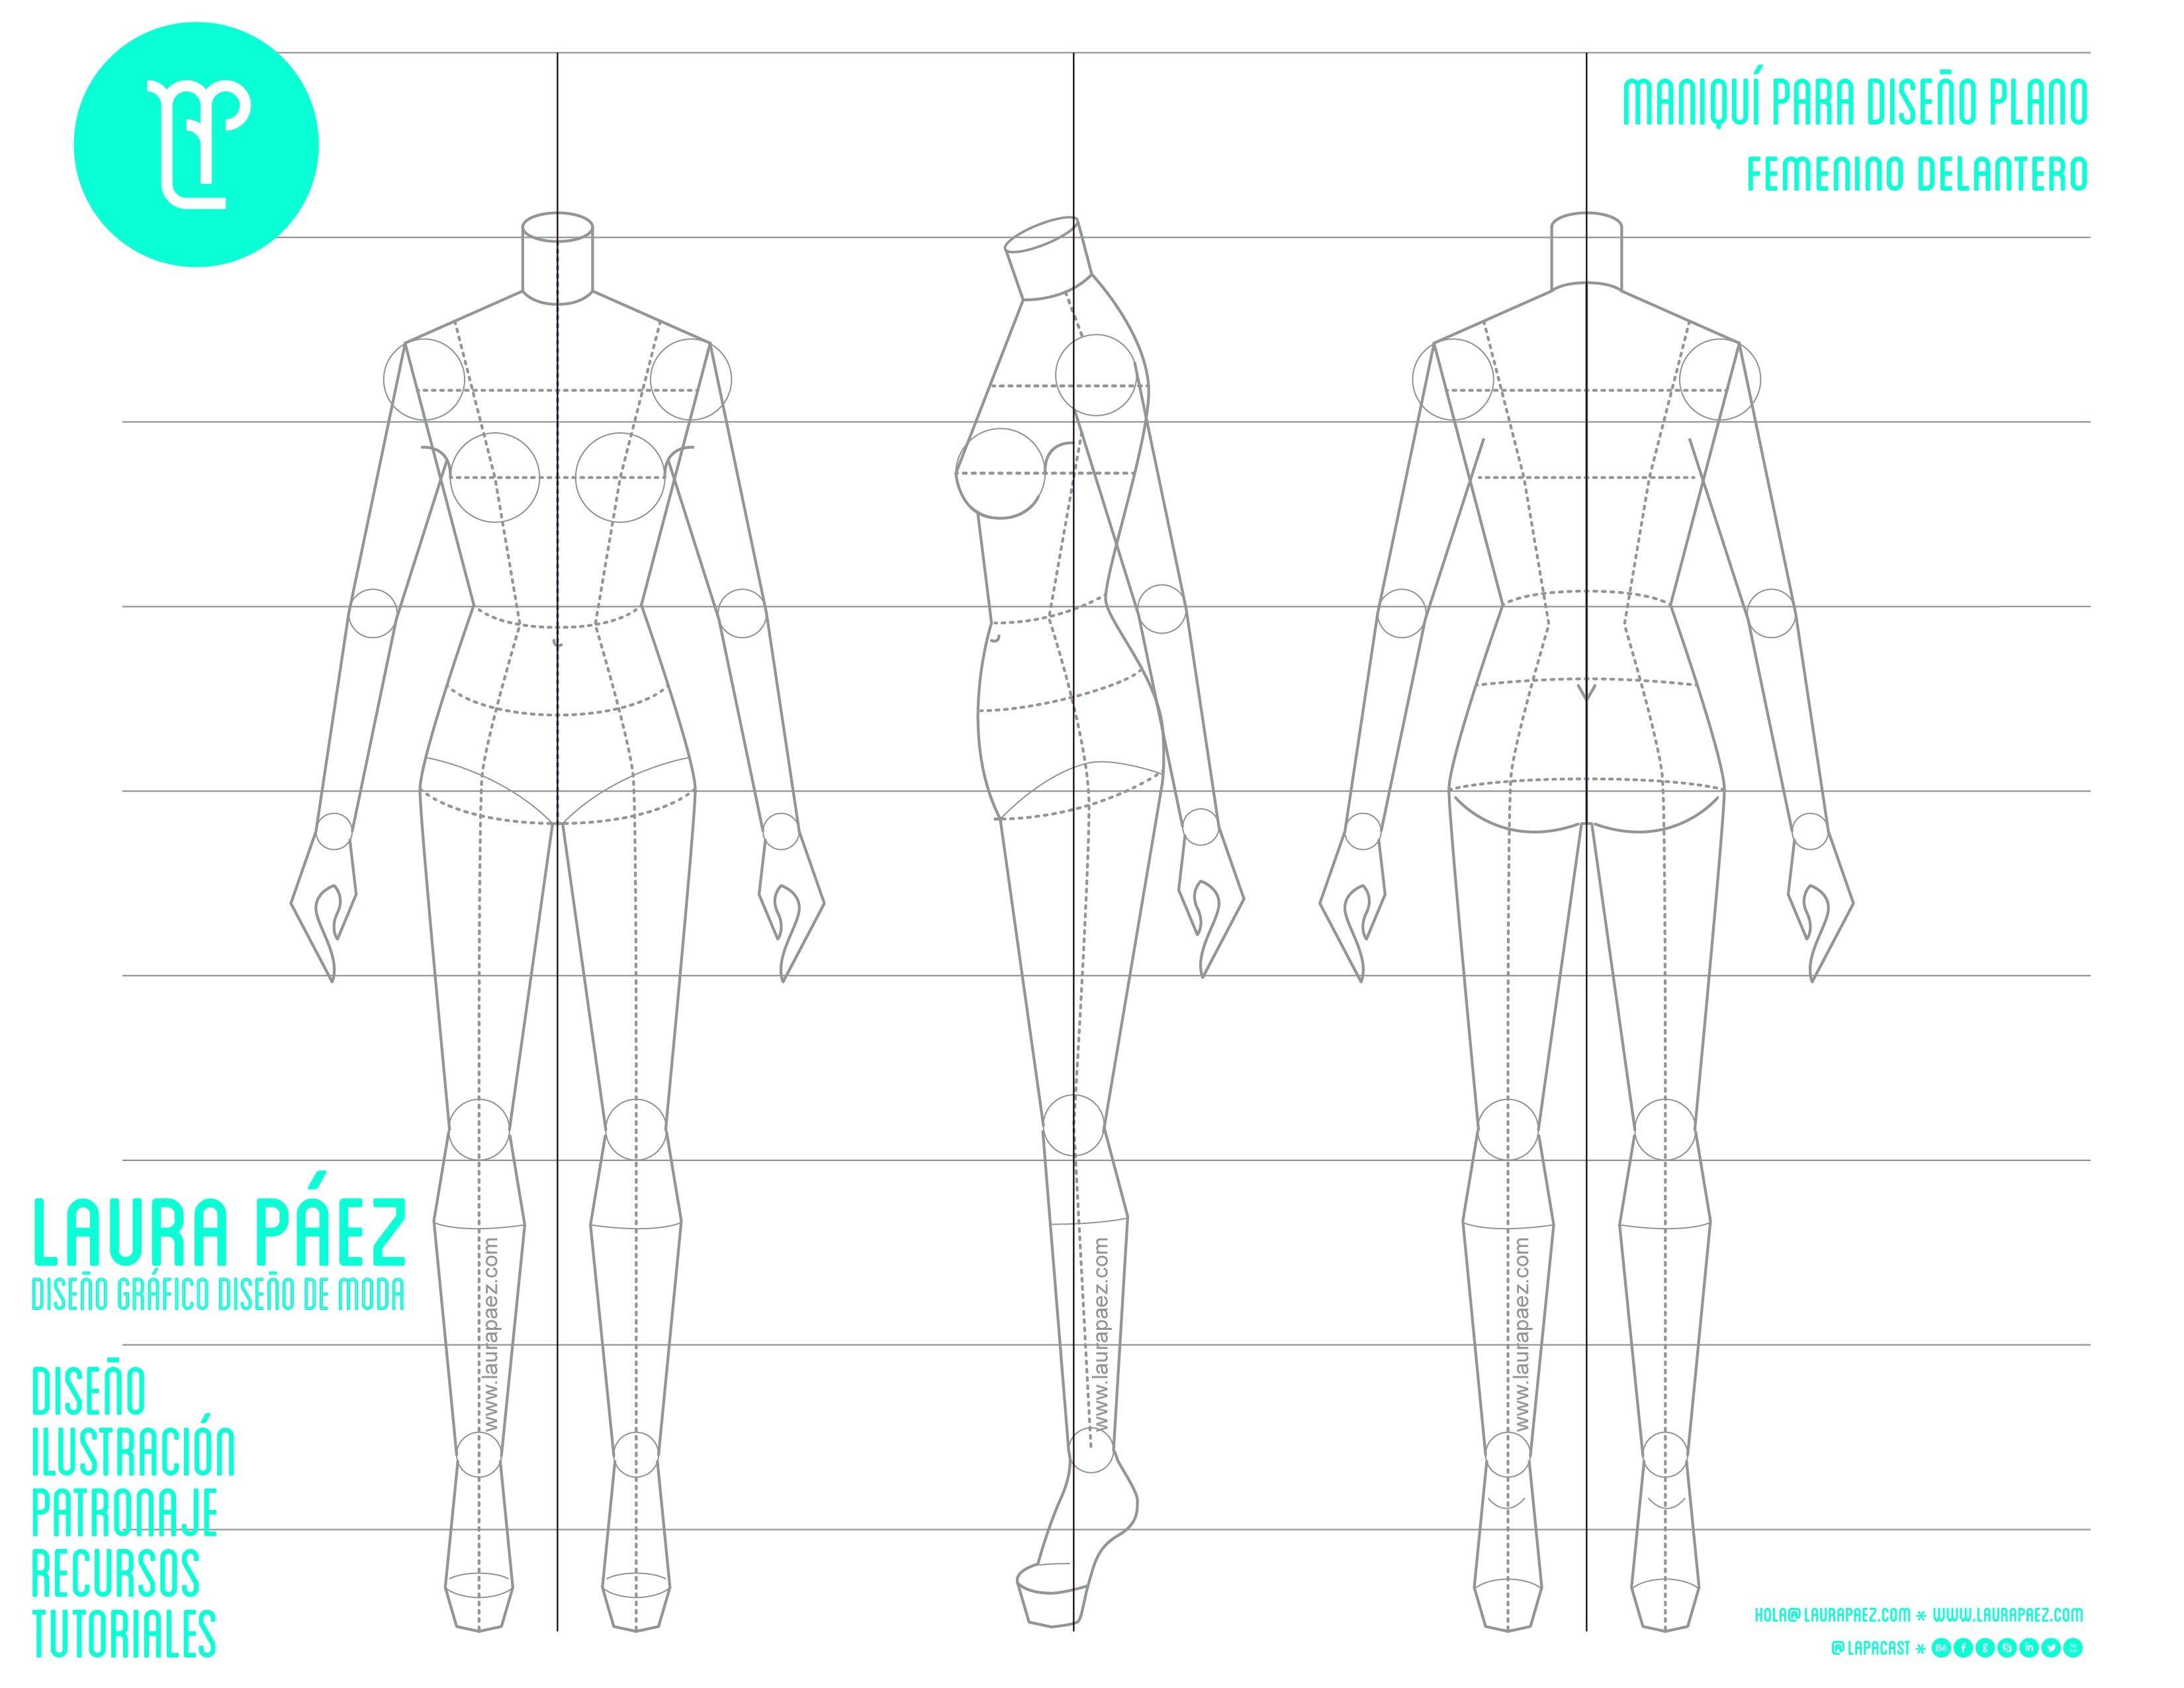 Maniquí Femenino para diseño plano | ilustraciones estiludas ...